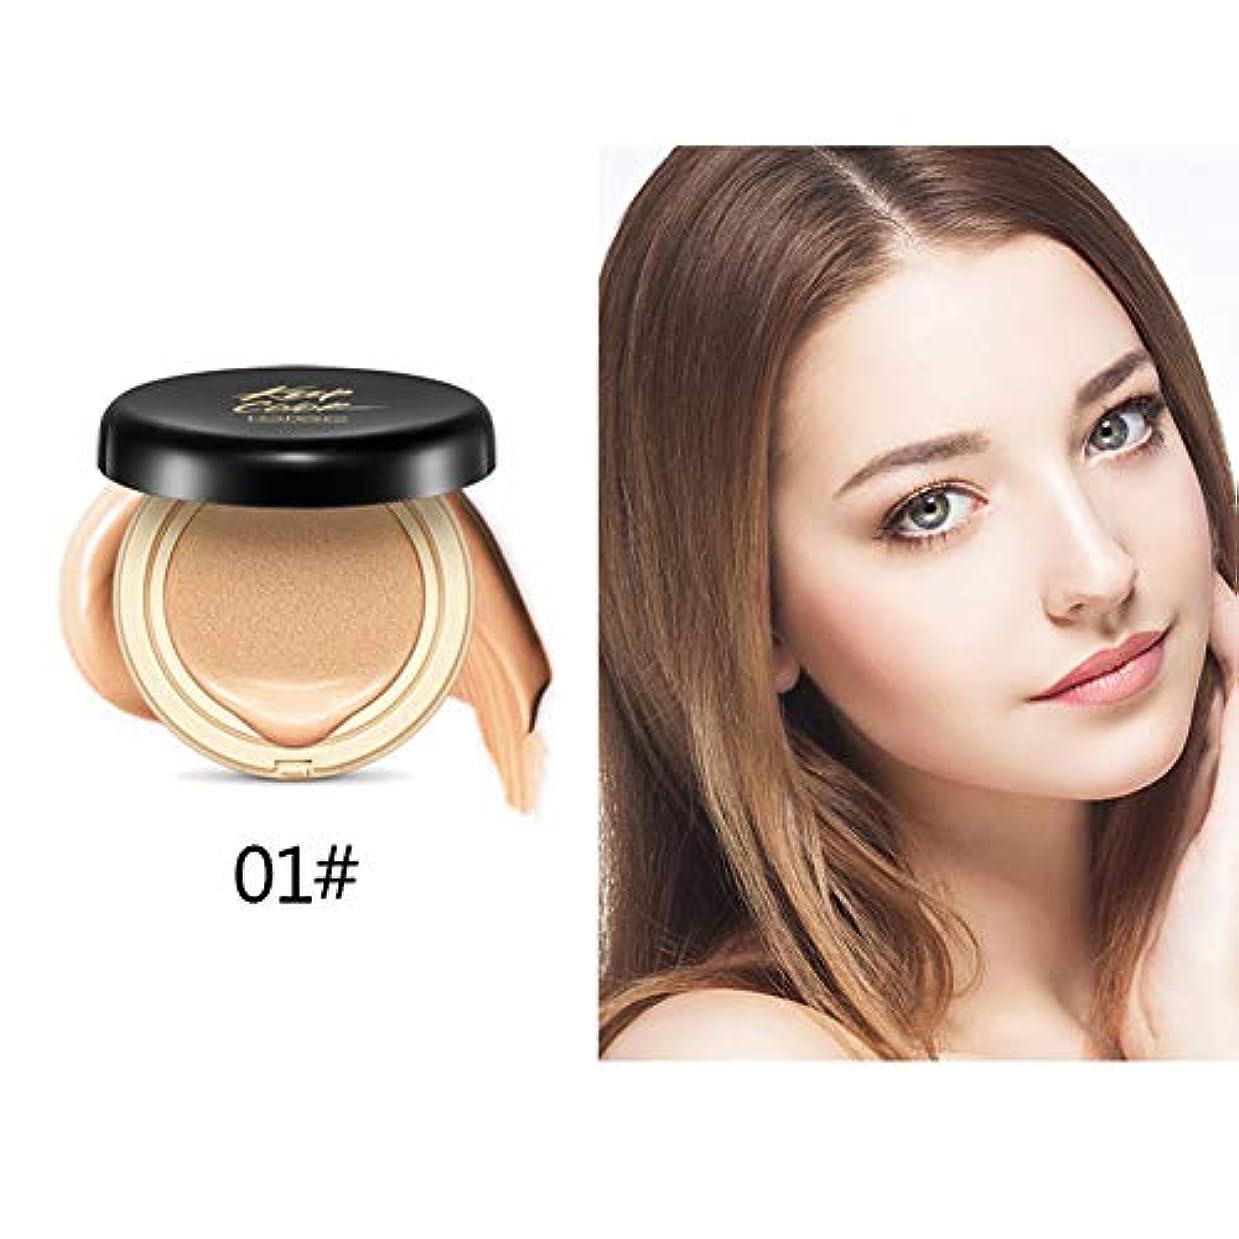 剥離コメントエアクッションBBクリーム 保湿 栄養 肌カバー 肌の色を明るく ファンデーション ナチュラル 化粧プライマー にきびの跡を隠す スキンケア Cutelove